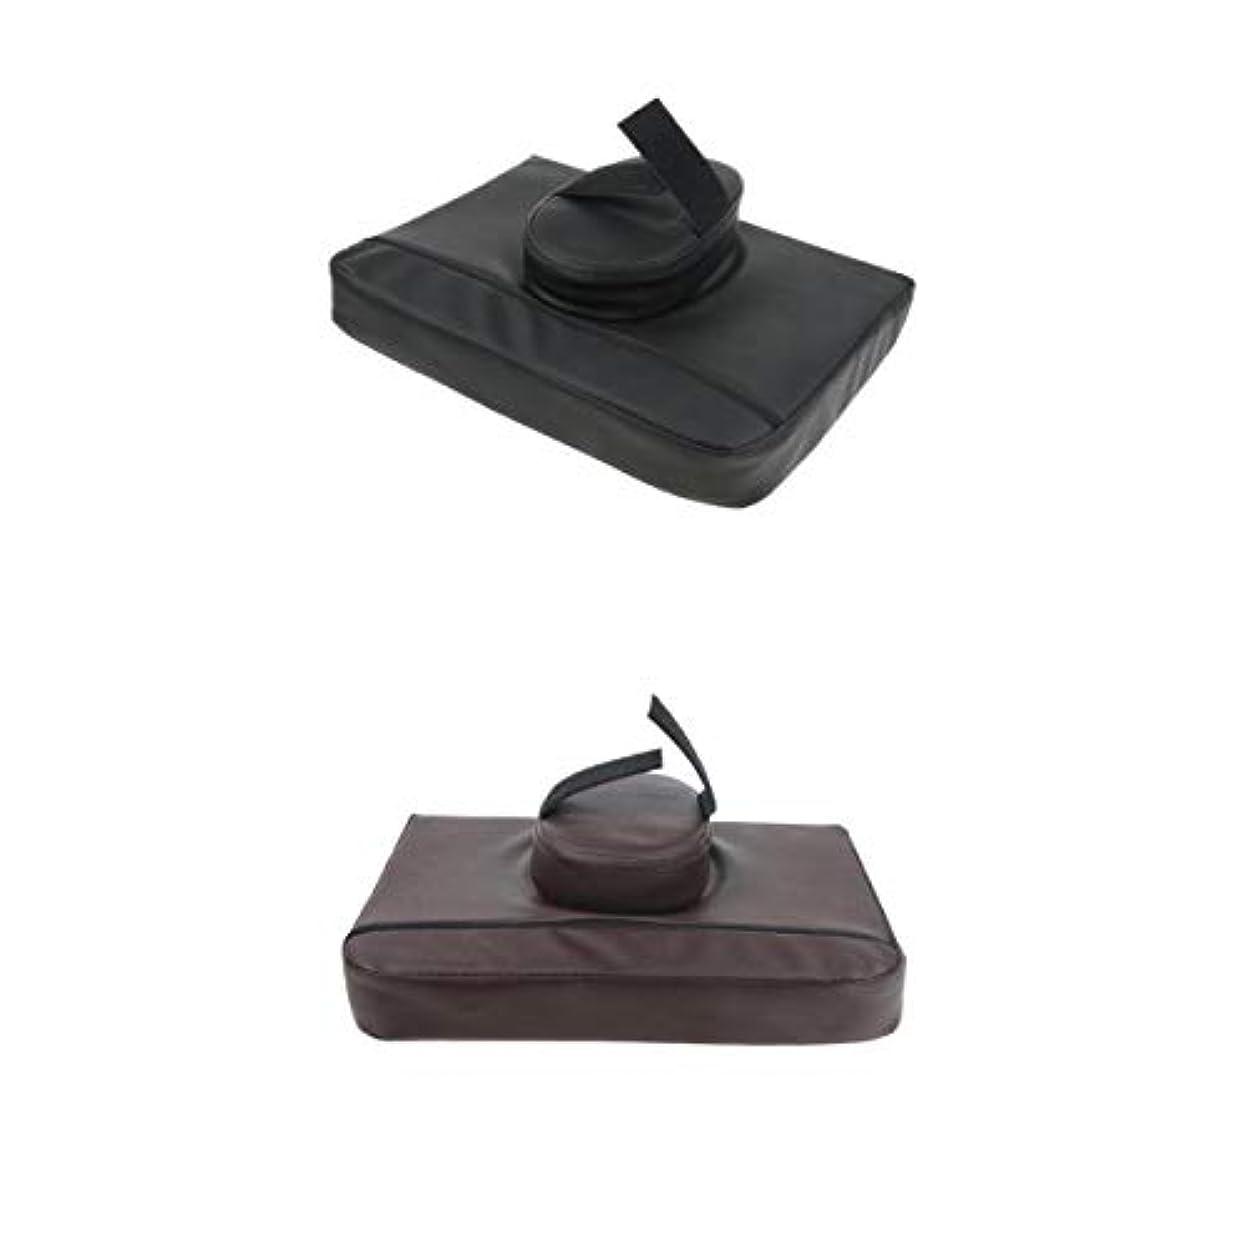 すずめ垂直交渉するFenteer マッサージクッション マッサージ枕 マッサージピロー スクエア マッサージテーブル用 通気性 2個入